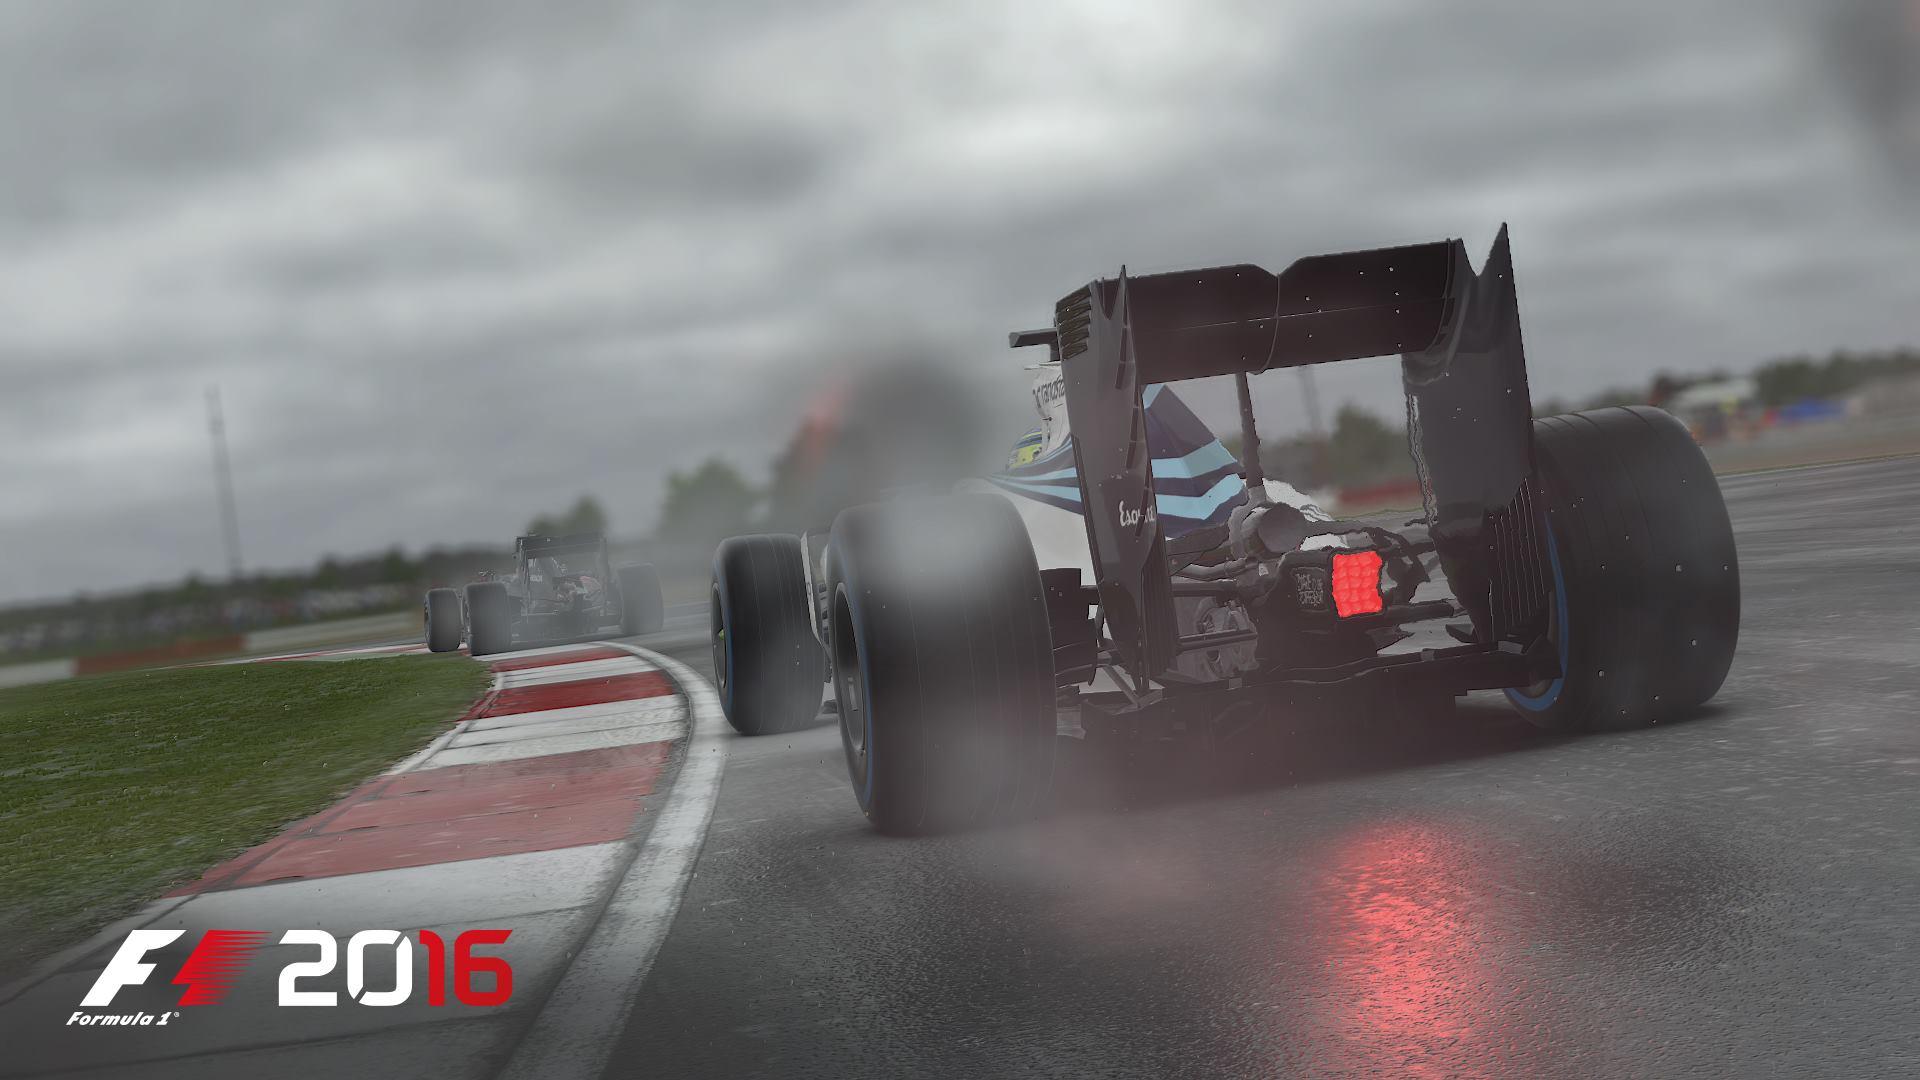 F1 2016 PC Patch.jpg